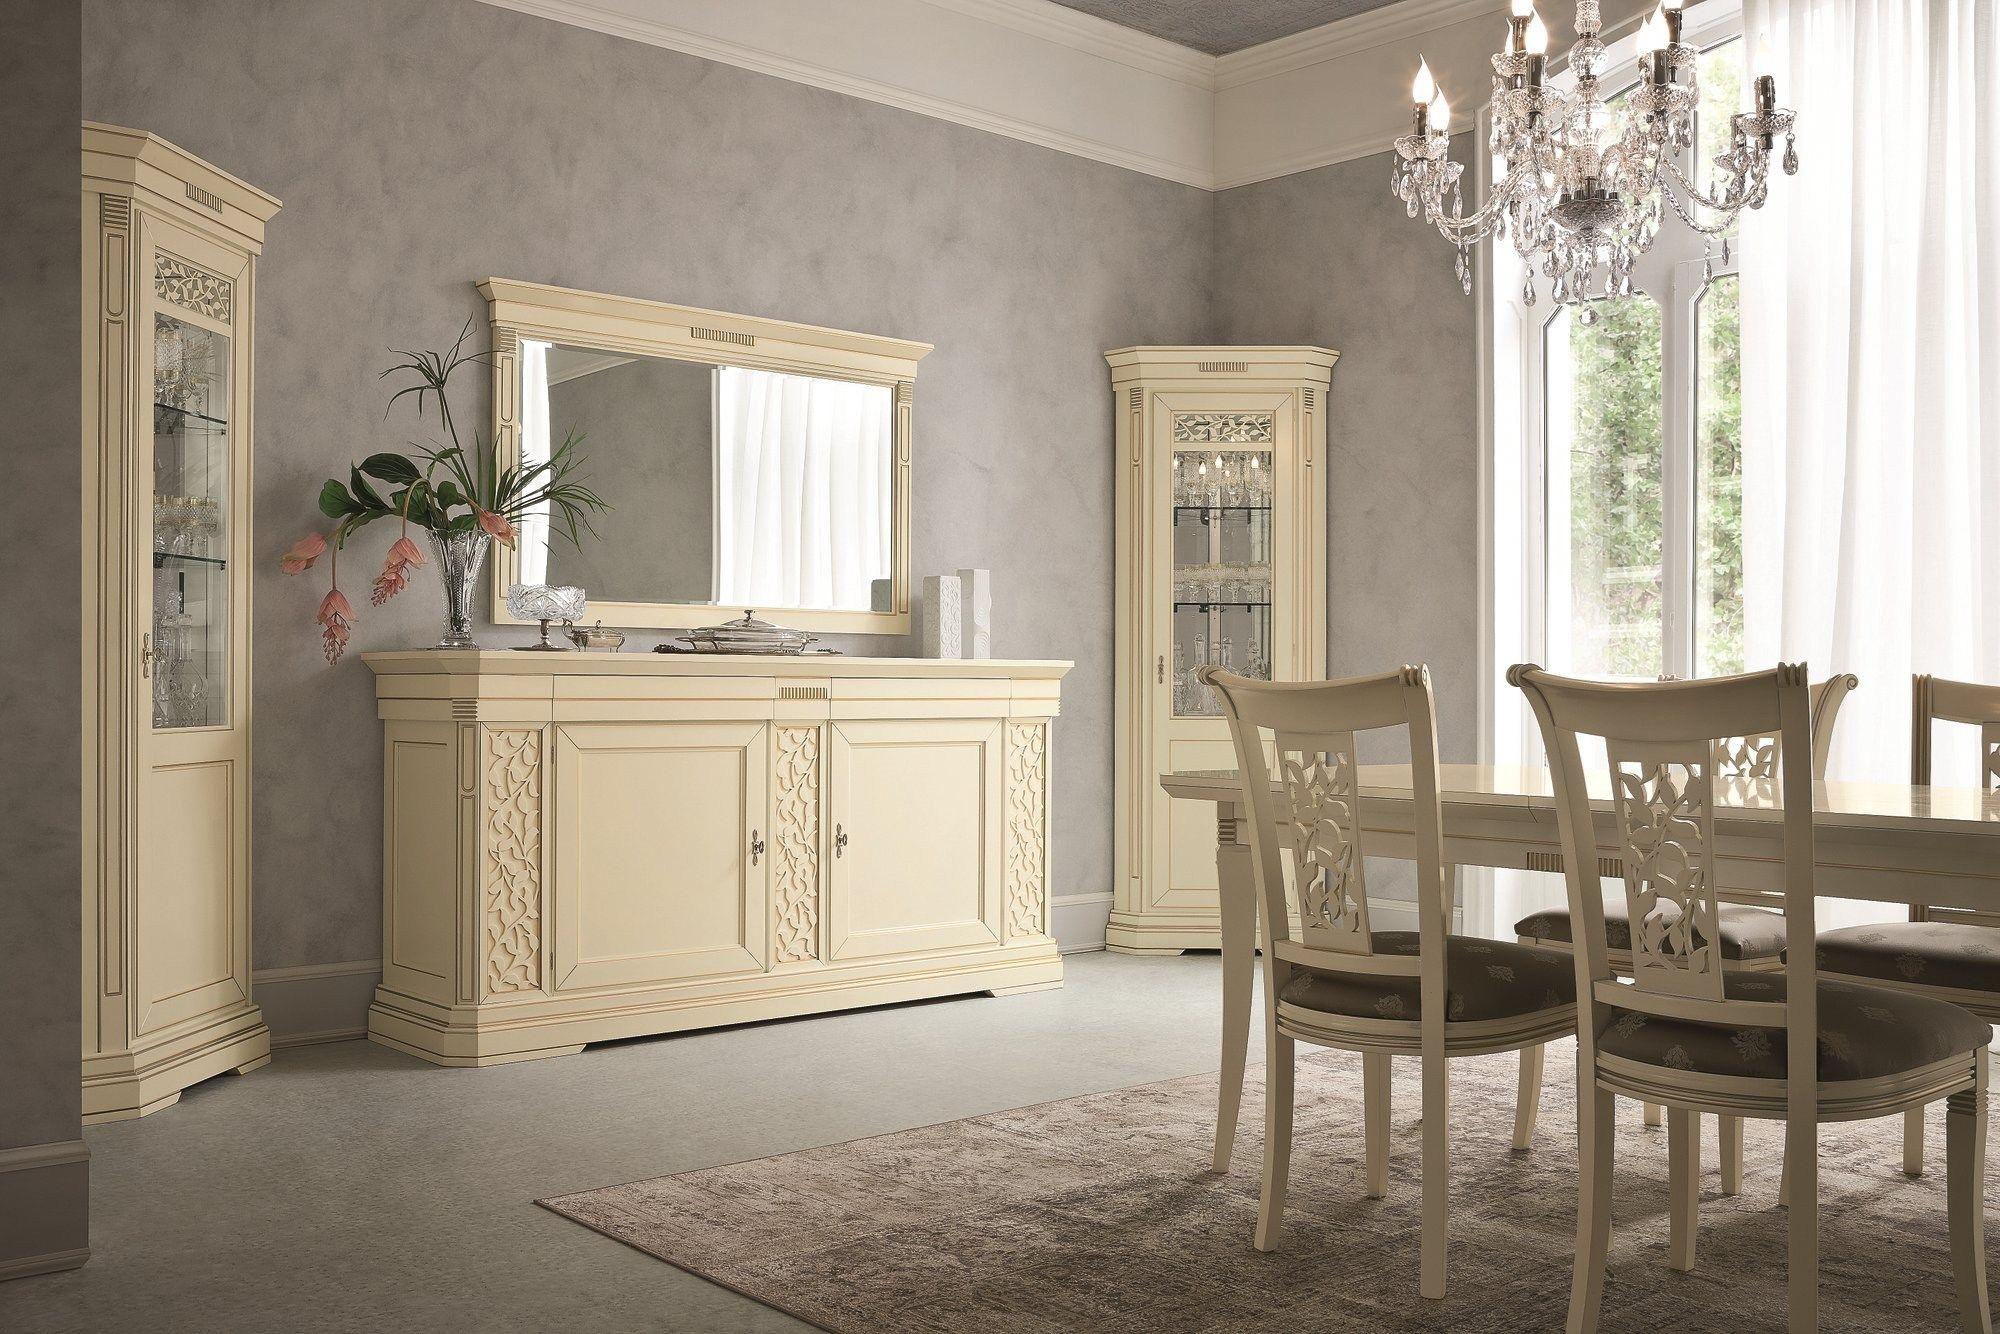 Tiffany specchio by dall agnese design imago design meneghin studio - Dall agnese mobili classici ...